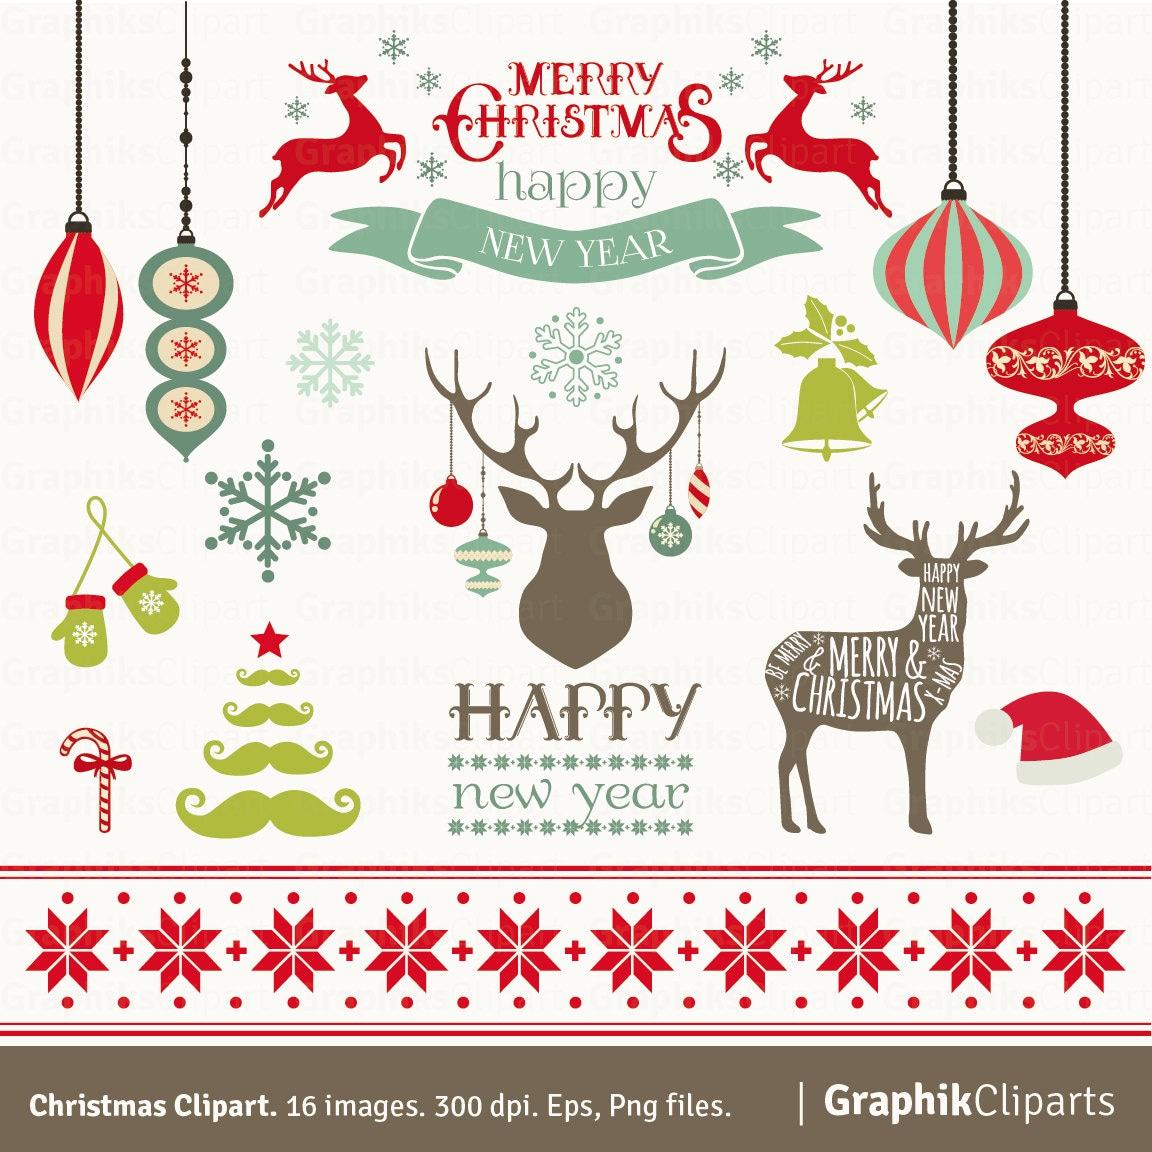 Christmas Clipart Vector Christmas Clipart Christmas Frames